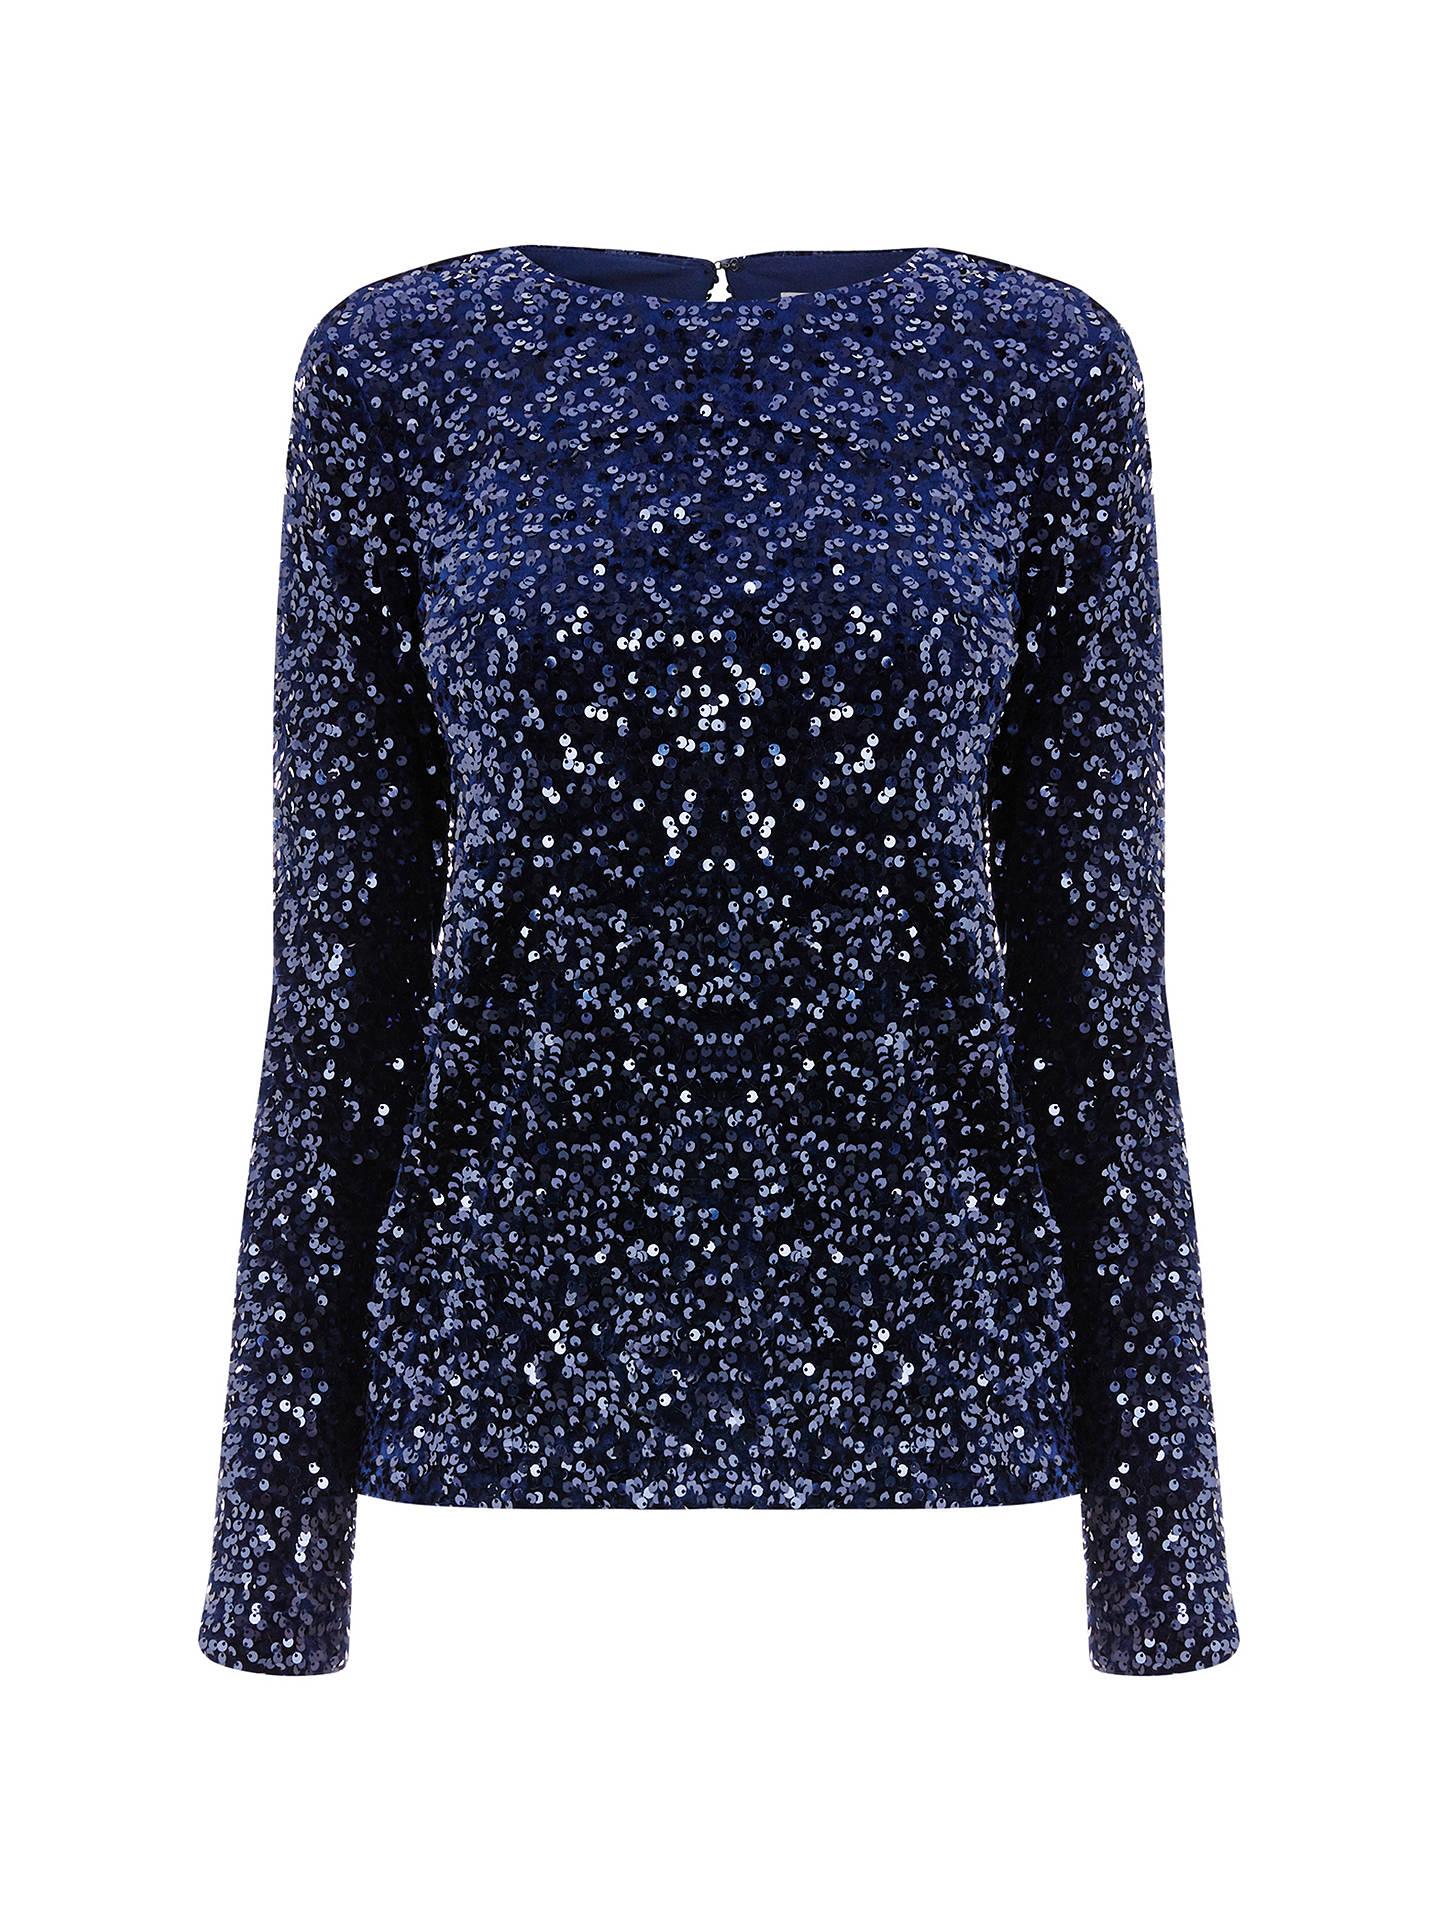 643e094c405c63 ... Buy Warehouse Sequin Velvet Long Sleeve Top